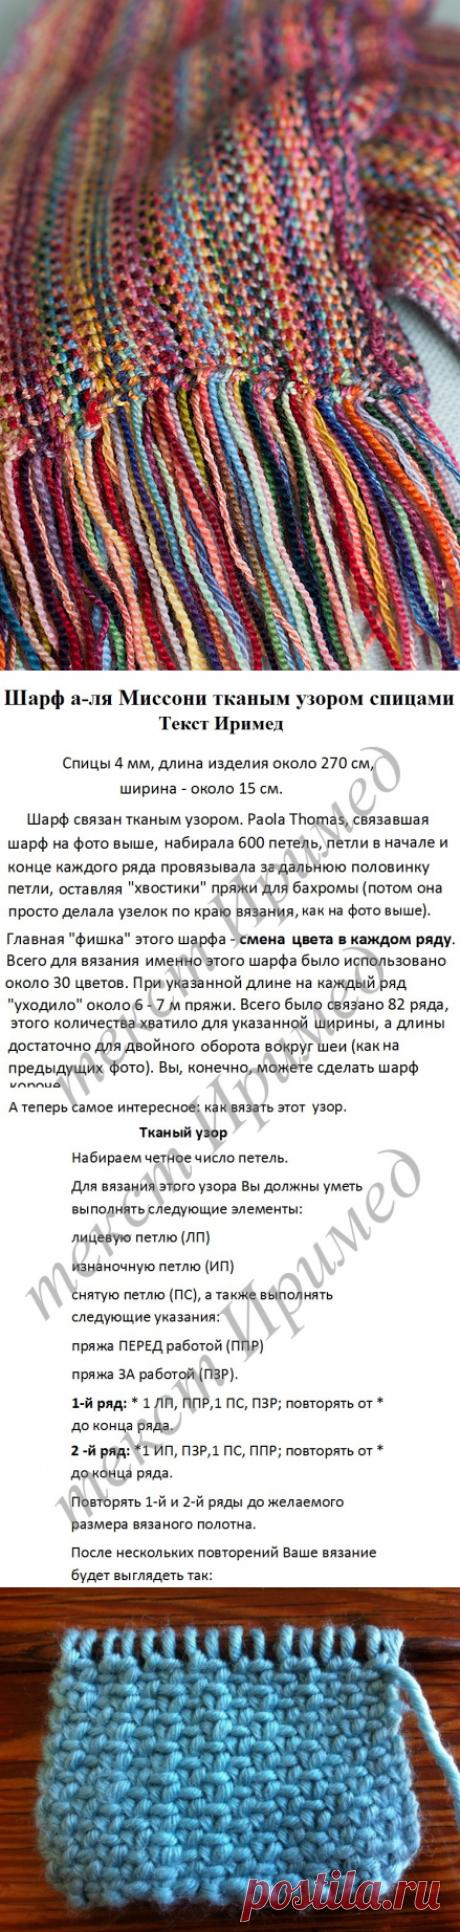 Шарф а-ля Миссони тканым узором спицами + видео